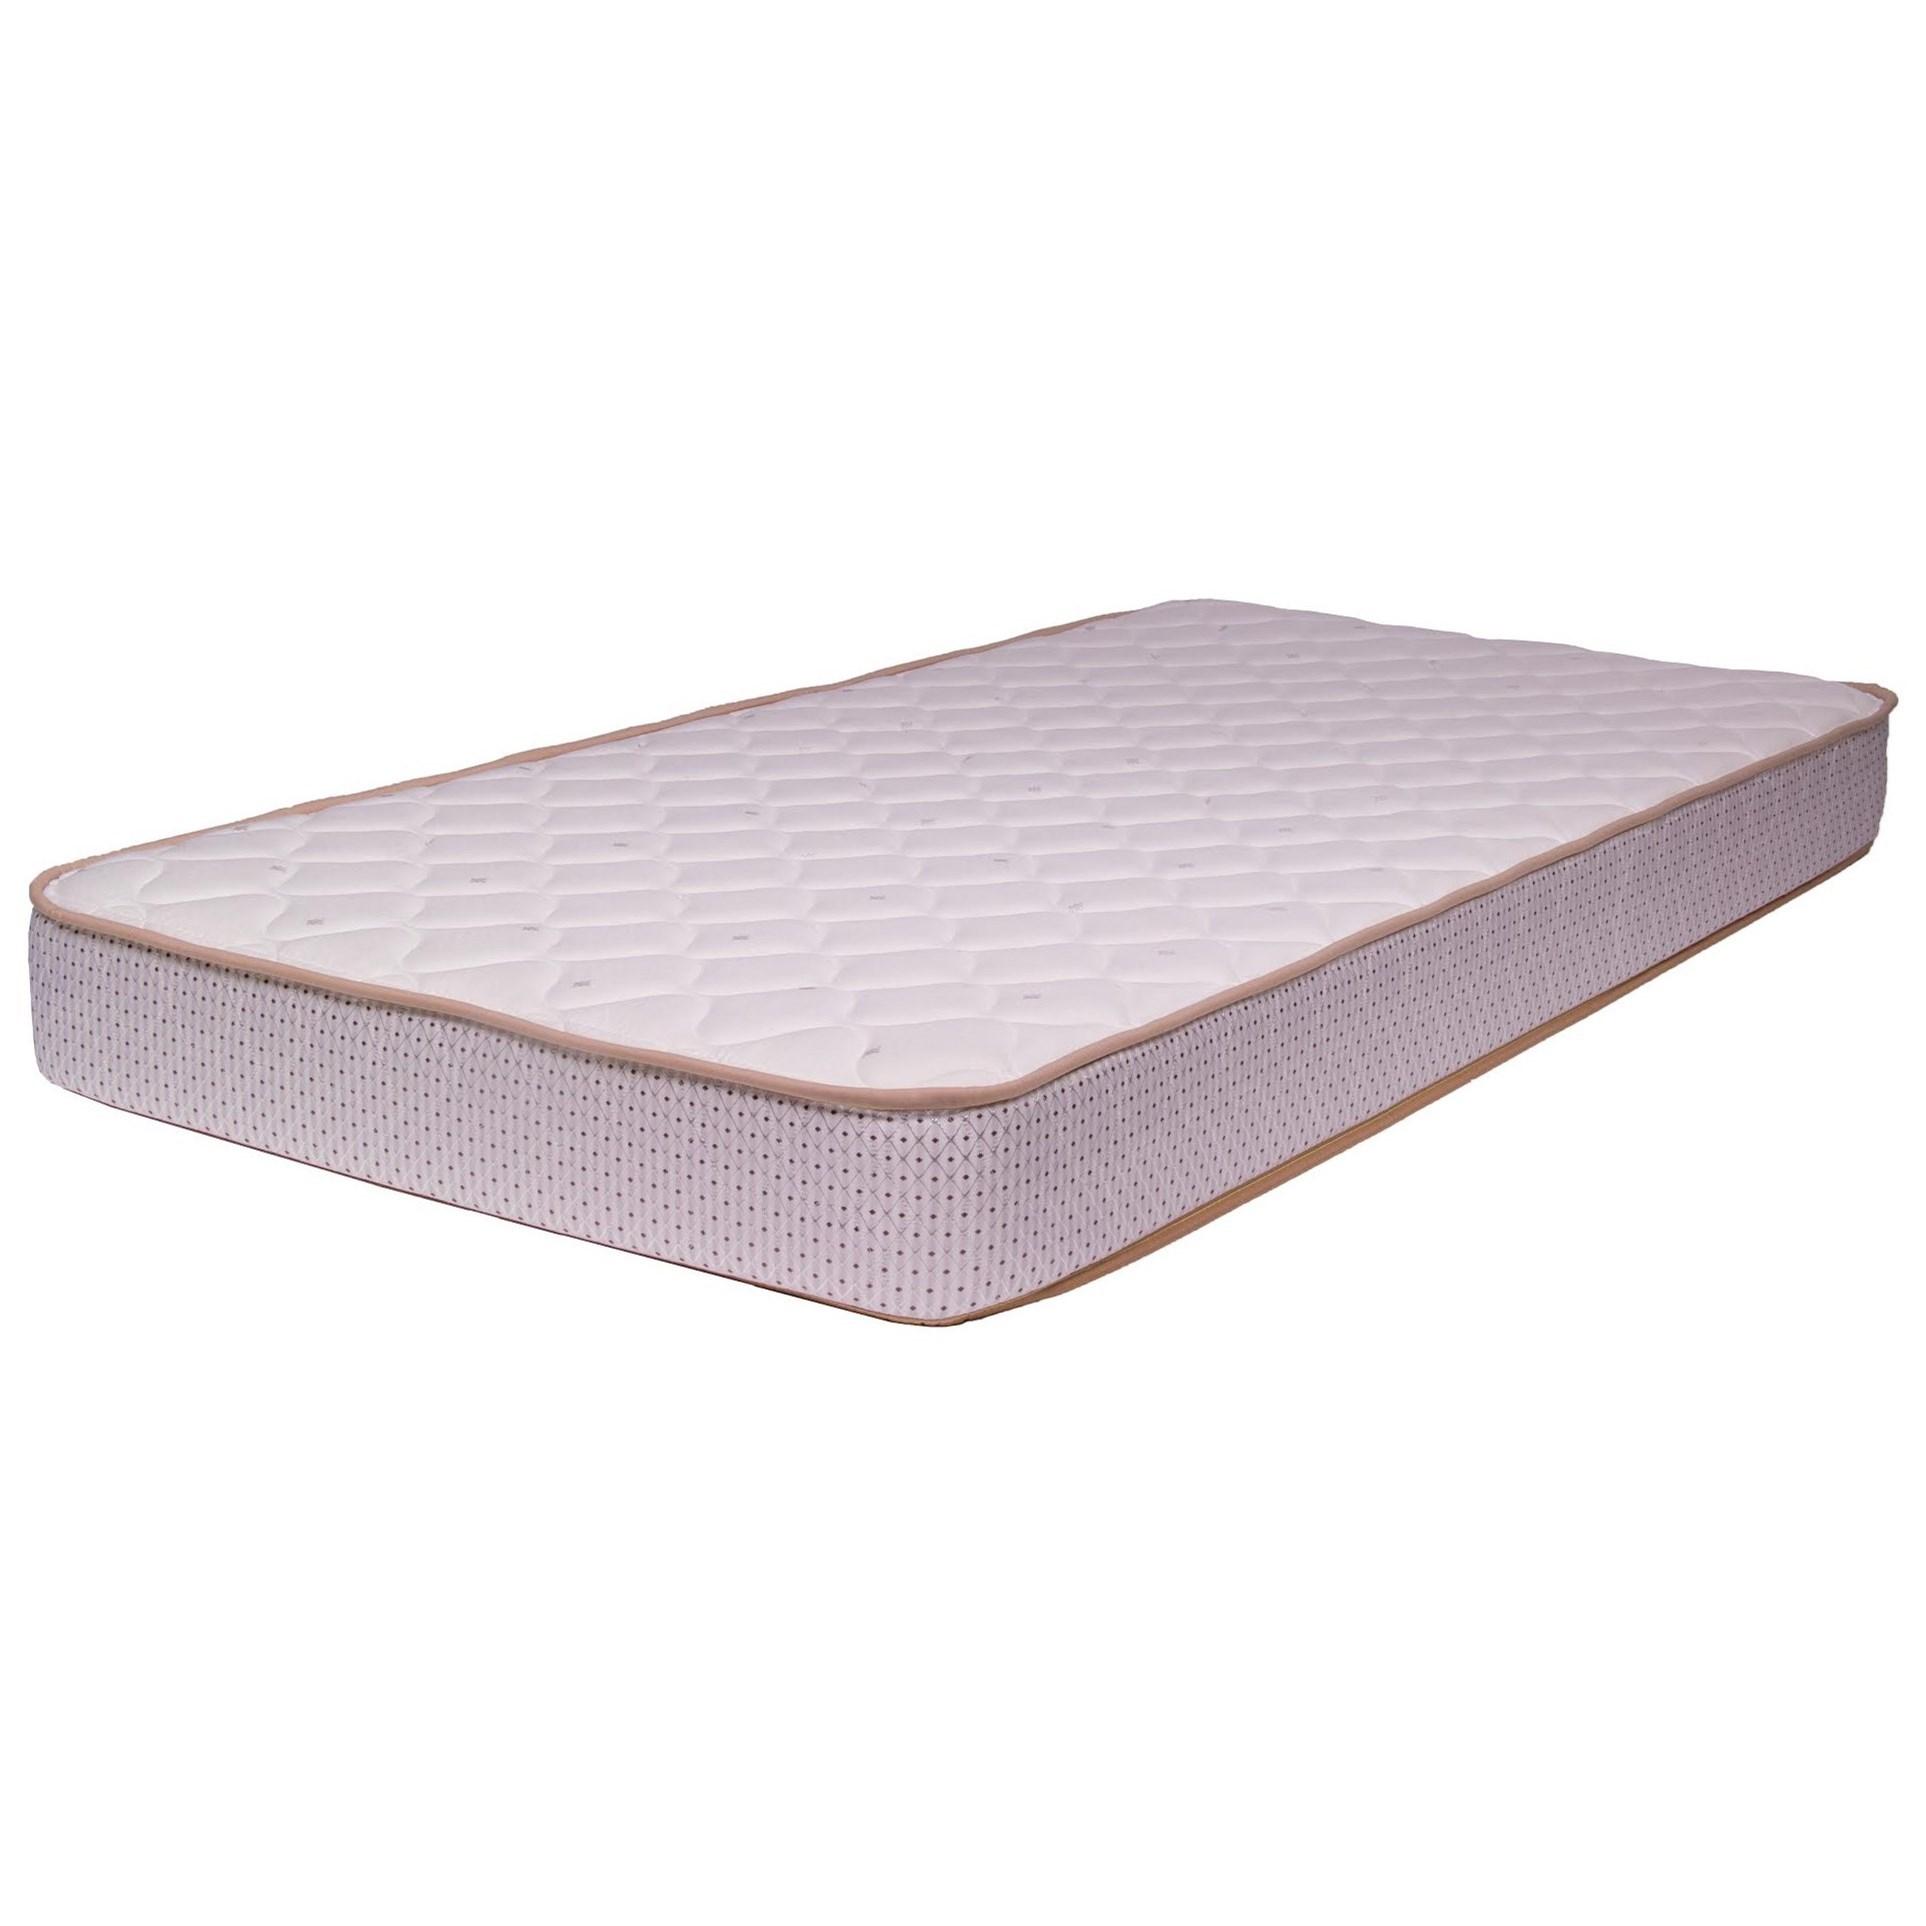 Spring air 1000 crazy quilt foam twin 6 1 2 foam mattress for Spring air mattress